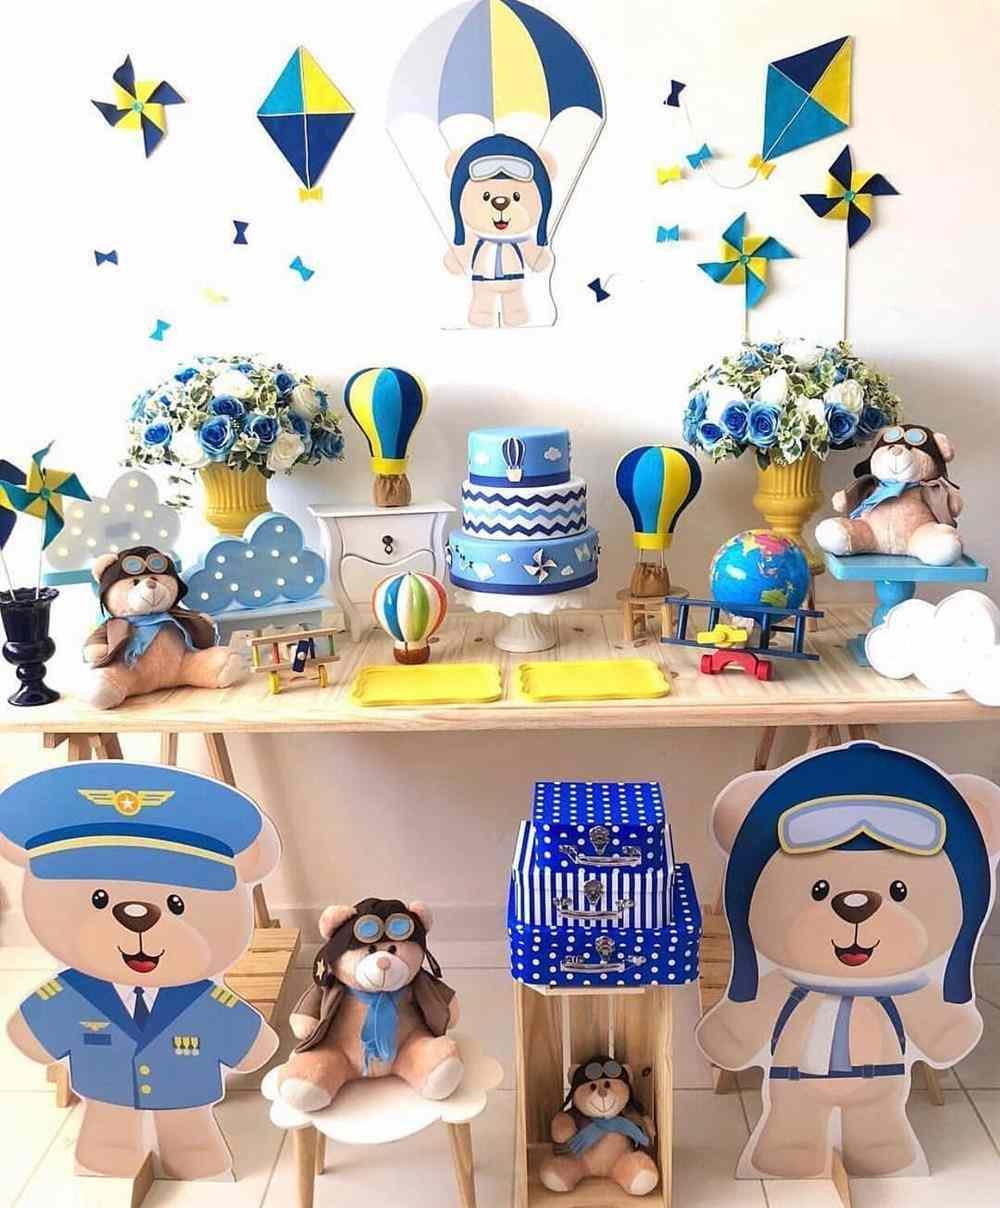 festa infantil simples tema ursinho baloeiro